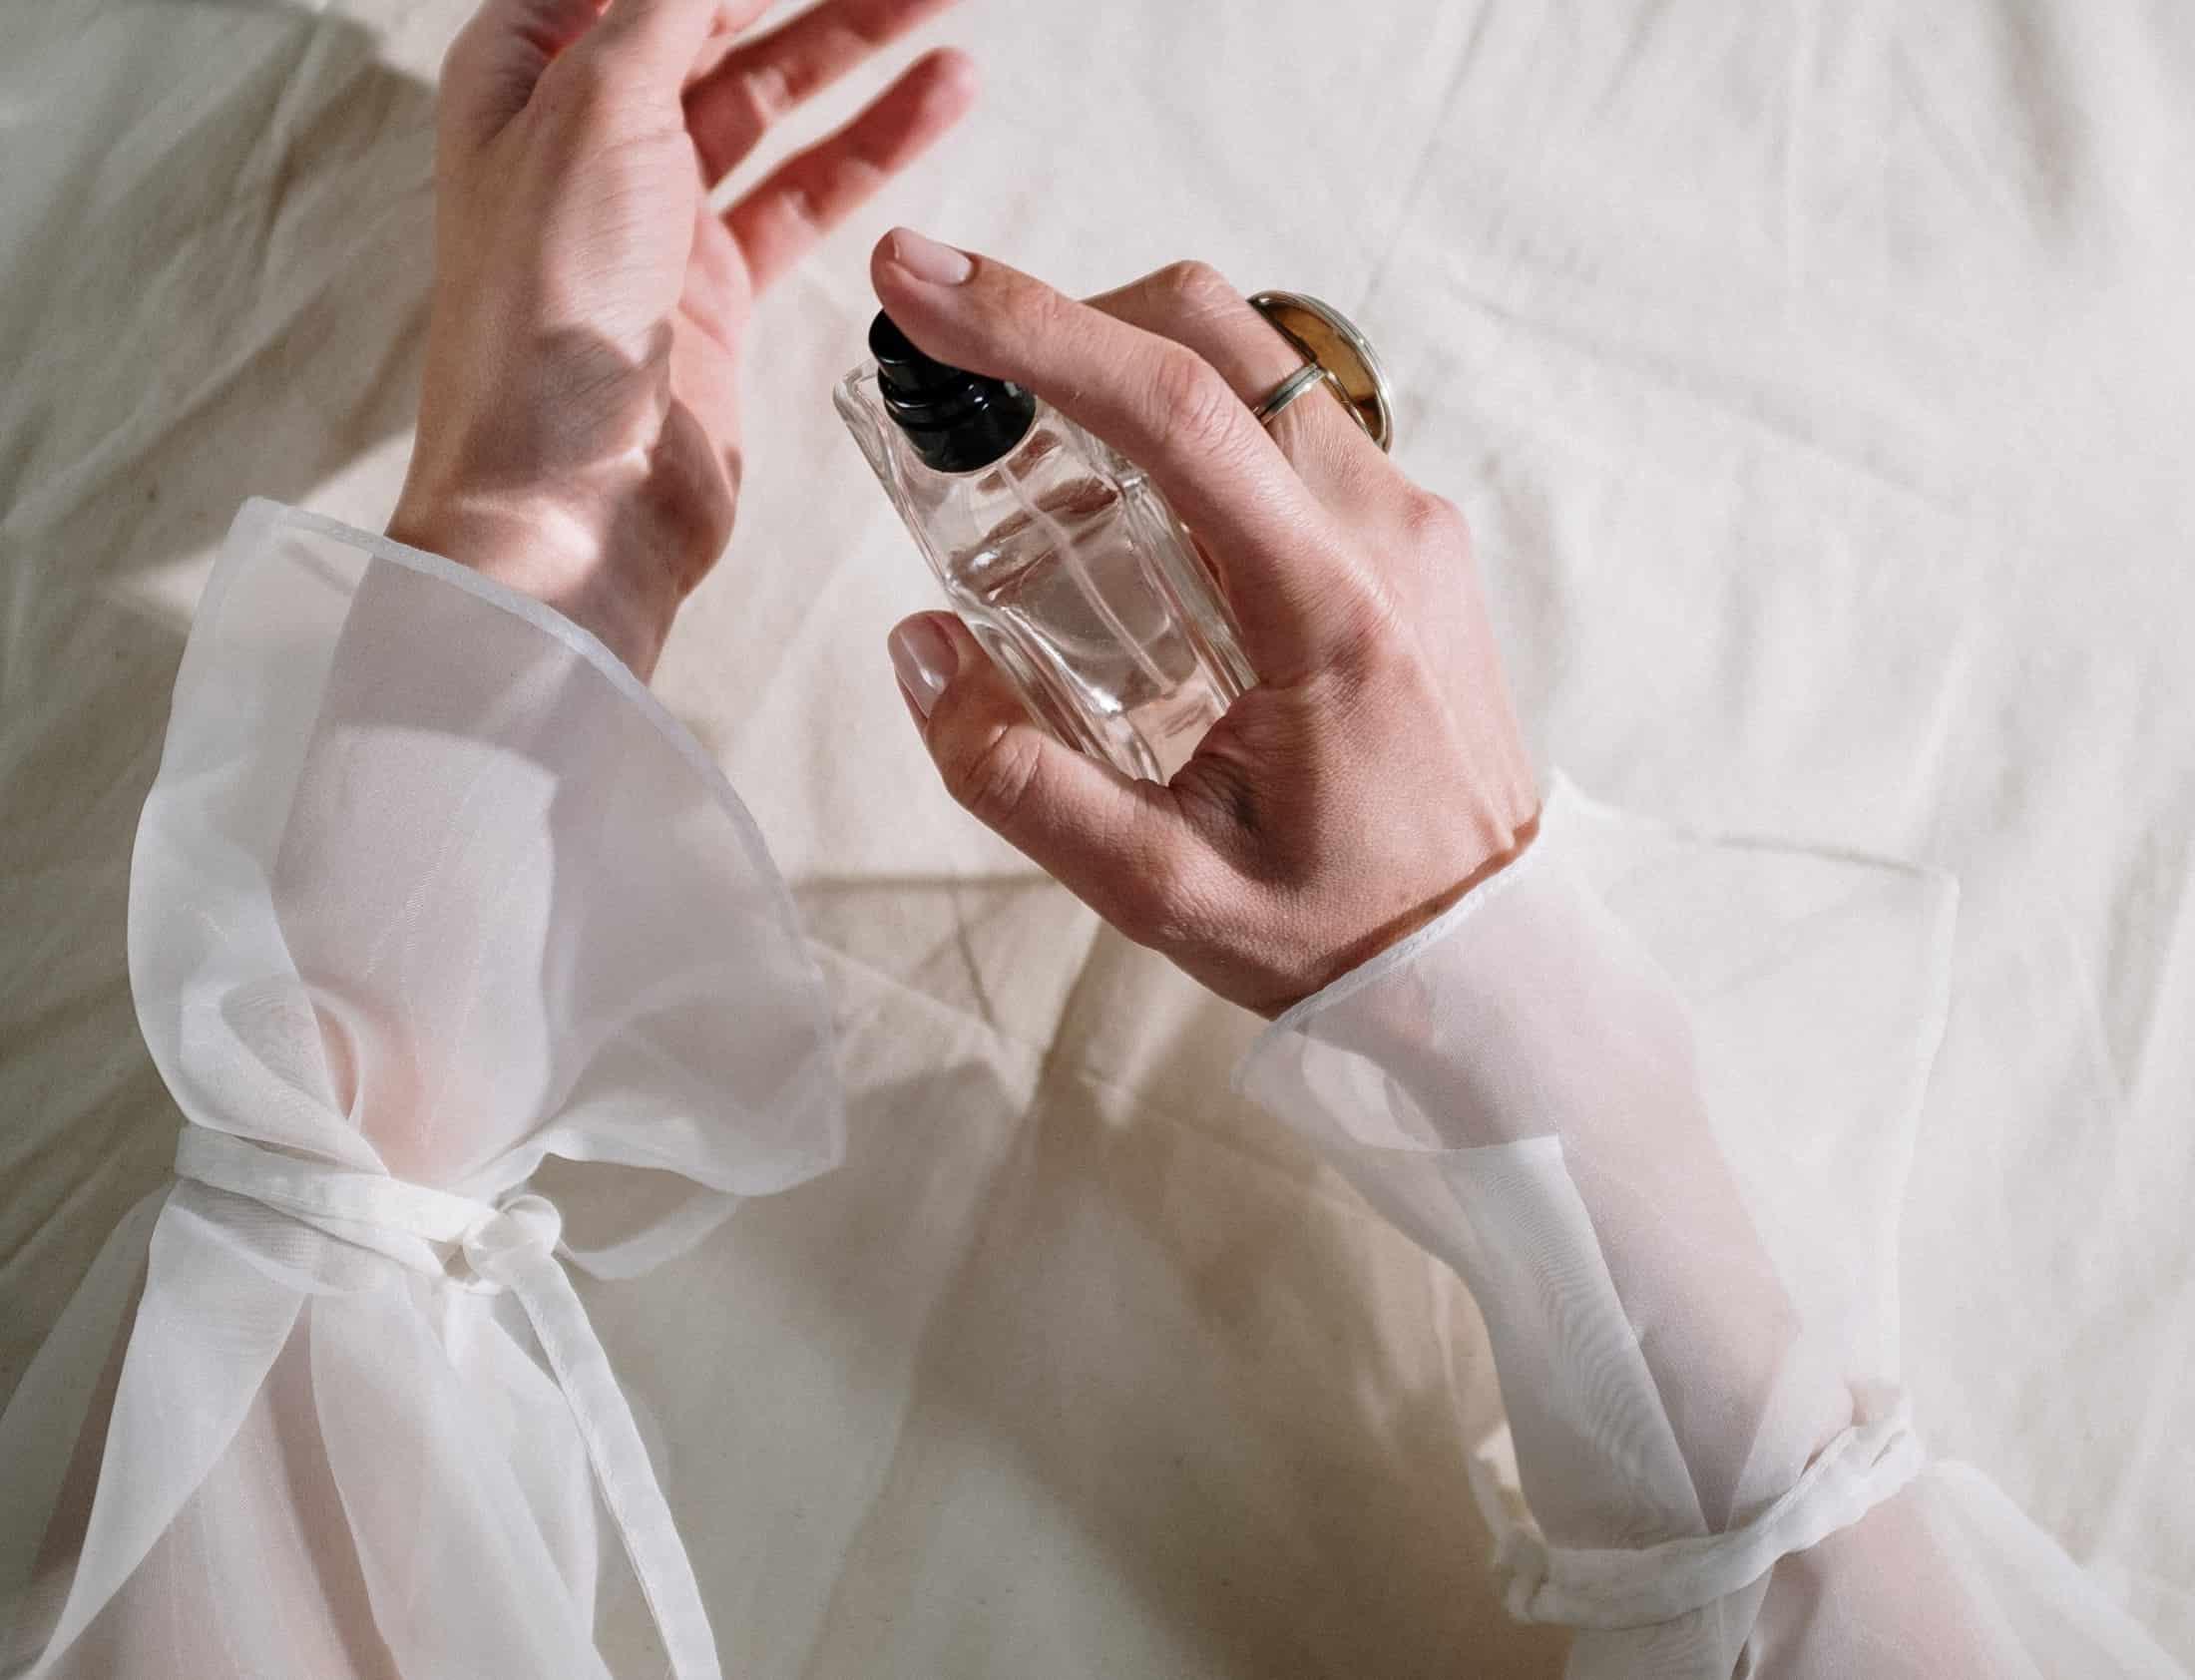 Te perfumy działają jak feromony! Poznaj zapachy, które mogą zastąpić afrodyzjaki